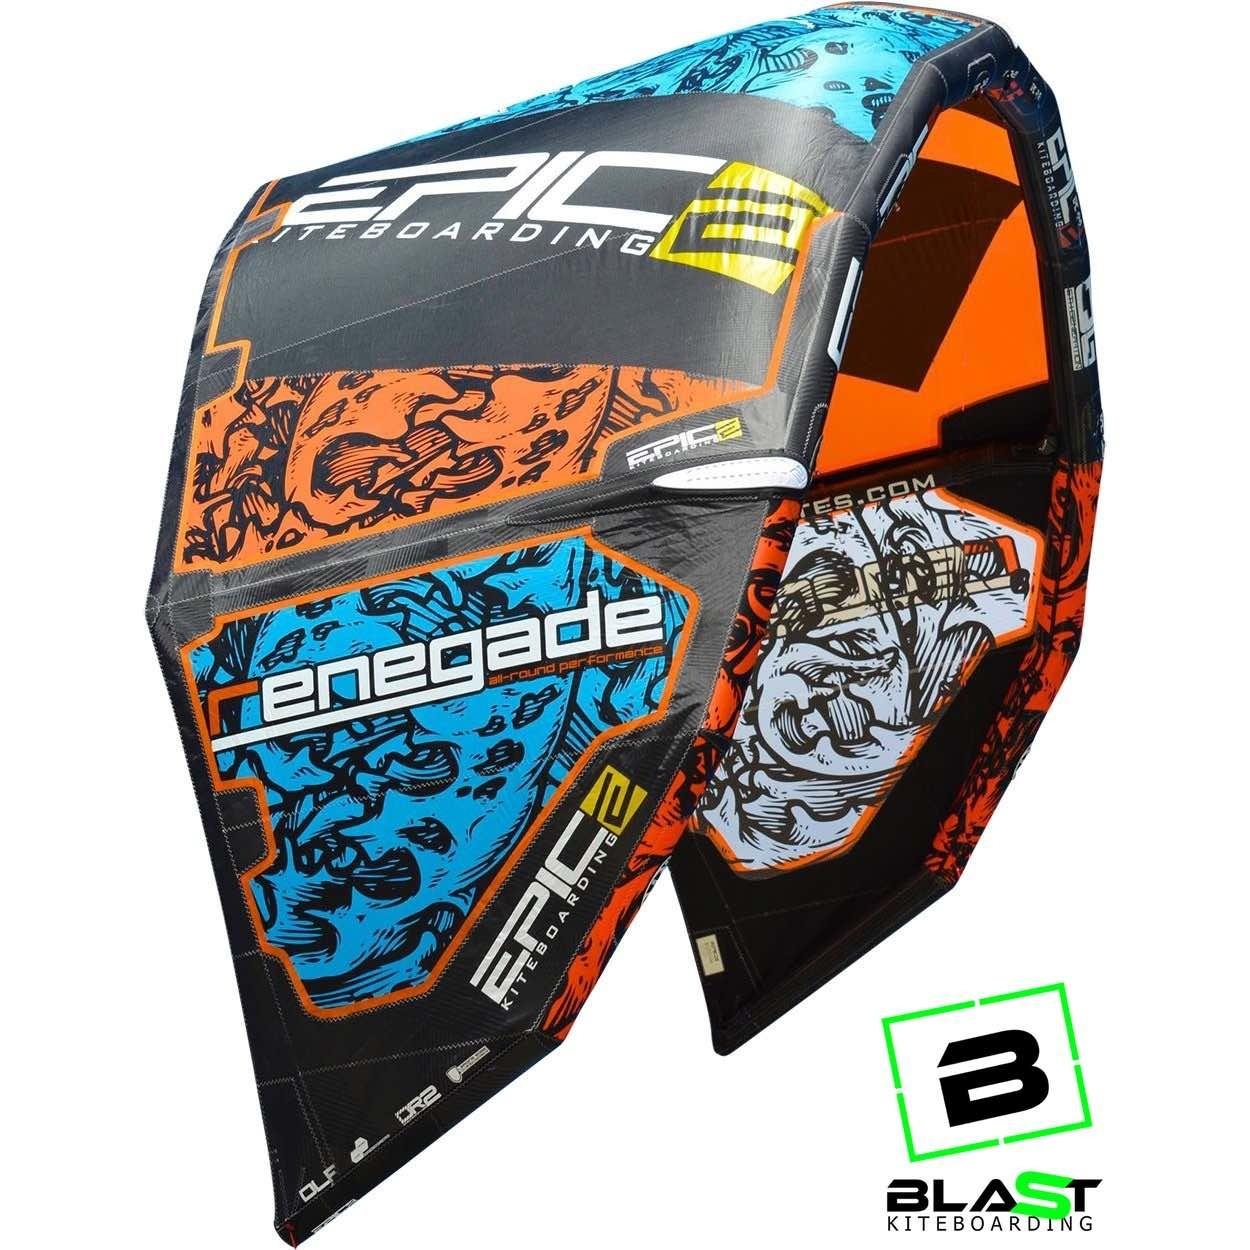 Epic Renegade 5G 7m Kite